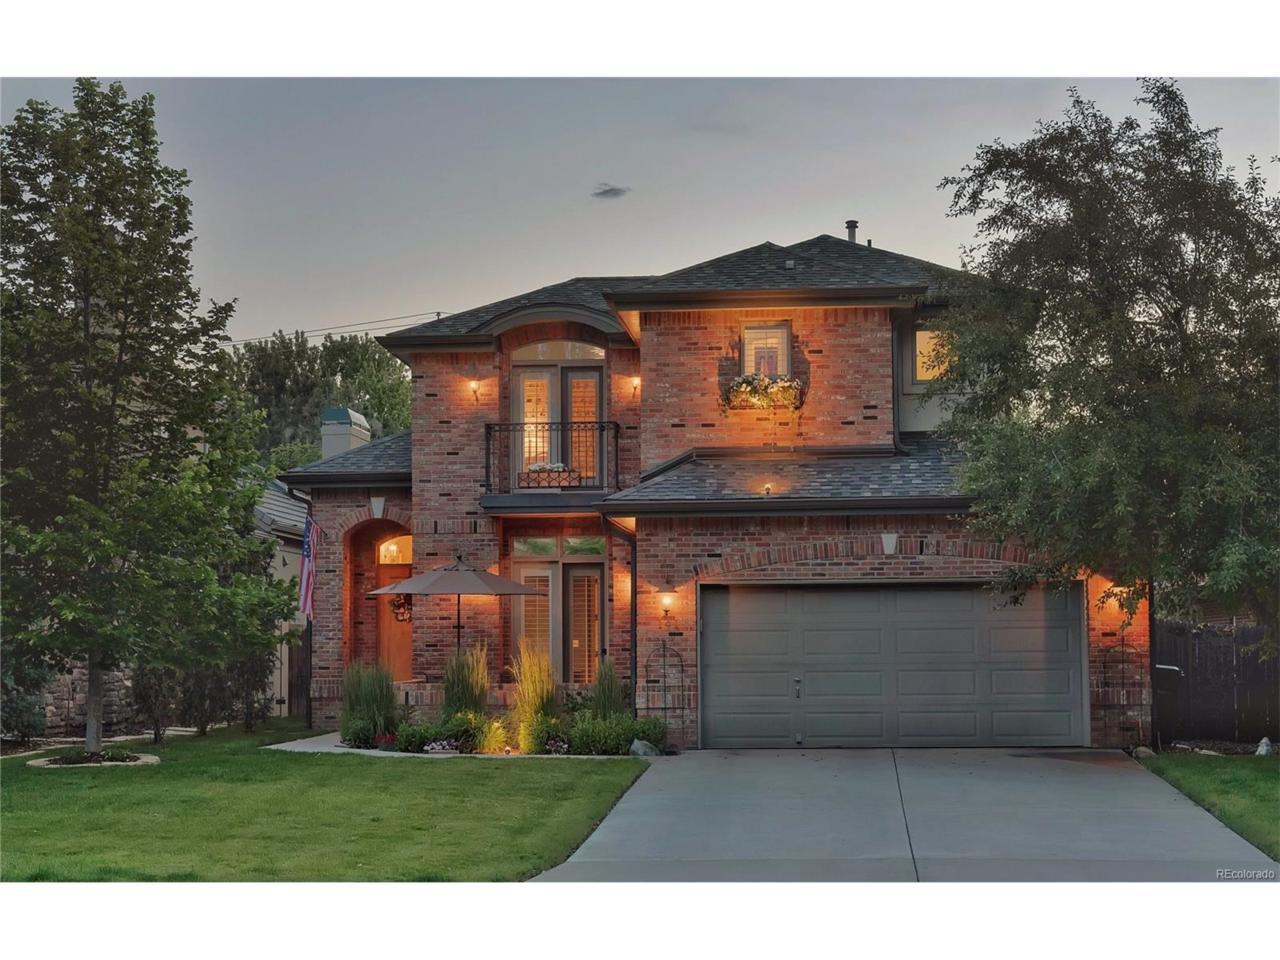 141 S Eudora Street, Denver, CO 80246 (MLS #5218687) :: 8z Real Estate